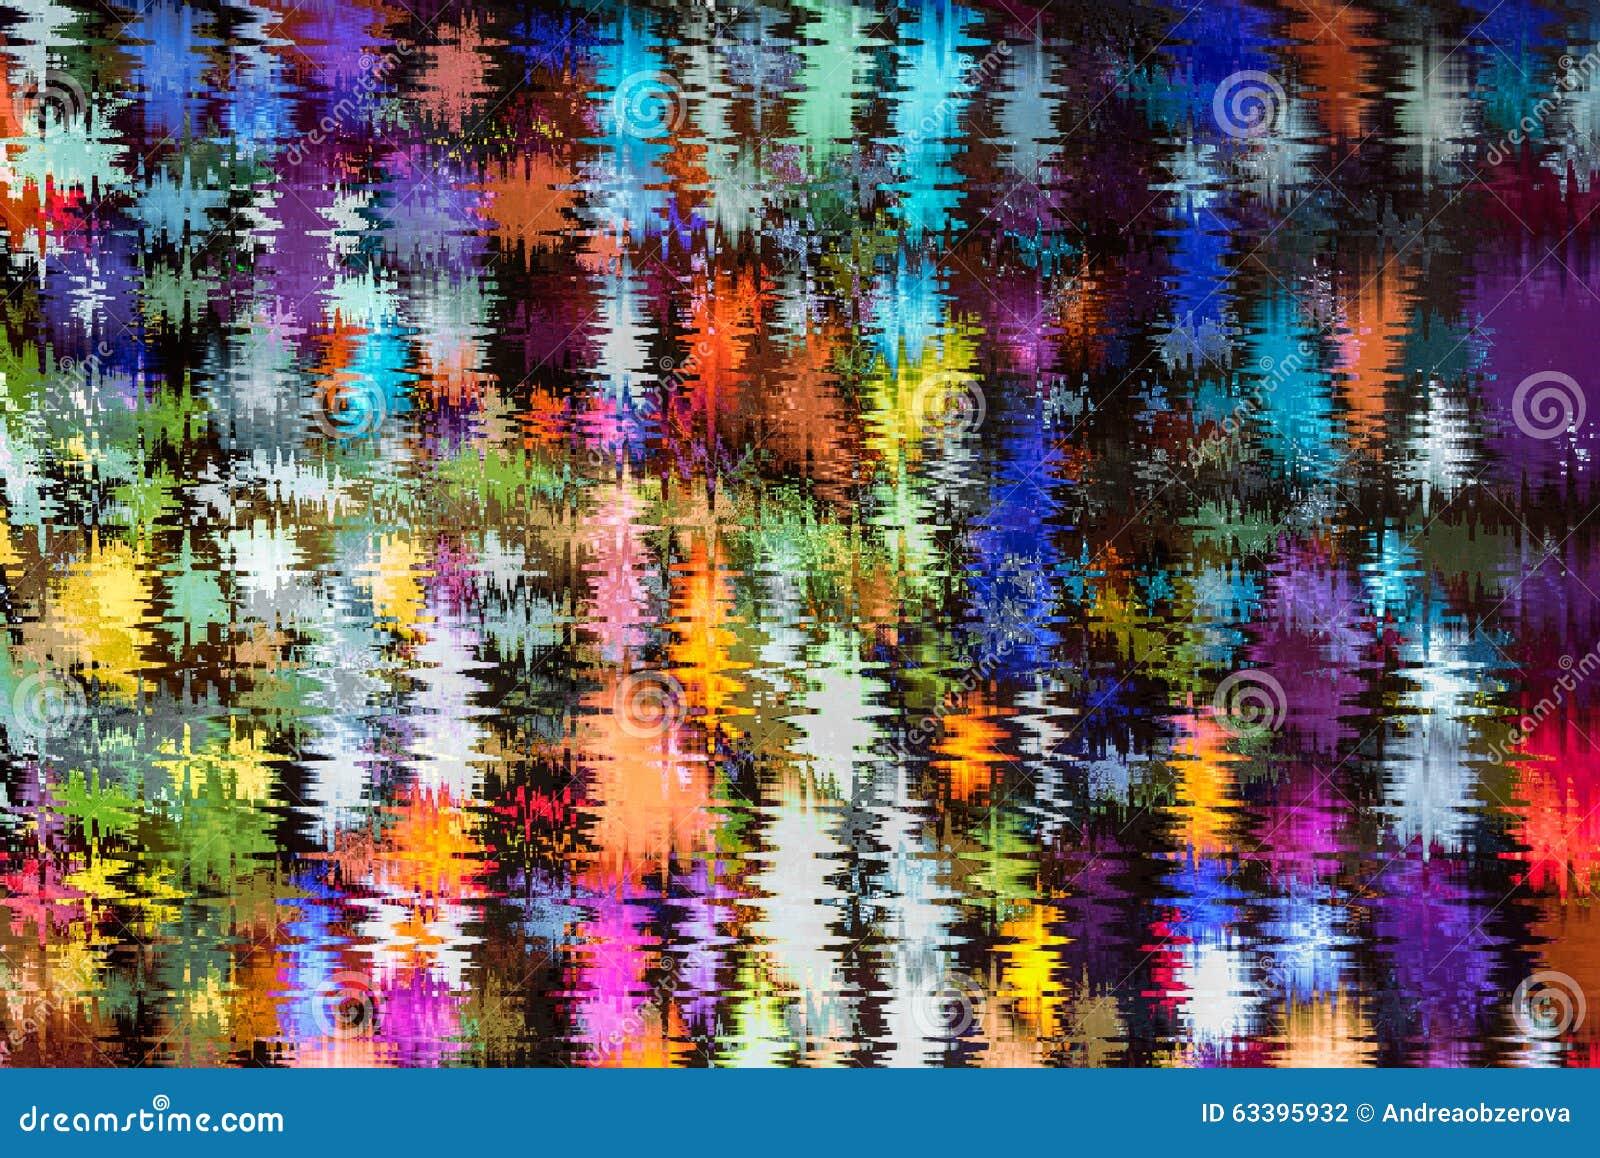 El fondo abstracto inusual del efecto luminoso, escapes ligeros, se puede utilizar en diversos modos de mezcla